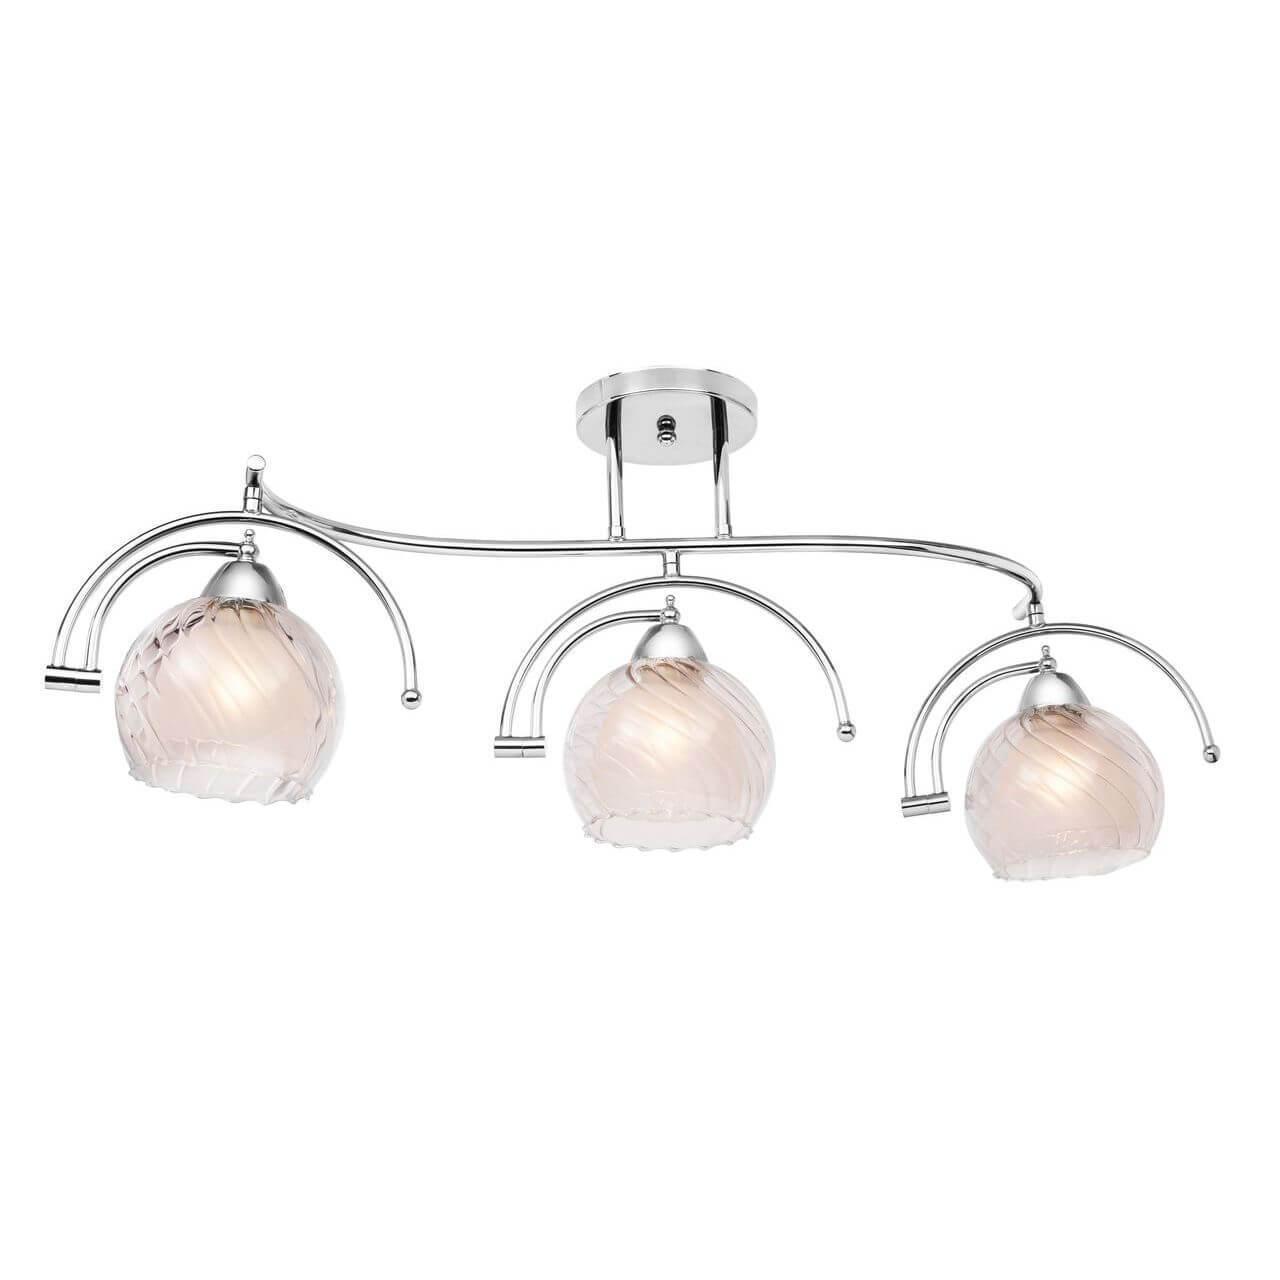 Потолочный светильник Silver Light 255.54.3, E27, 60 Вт